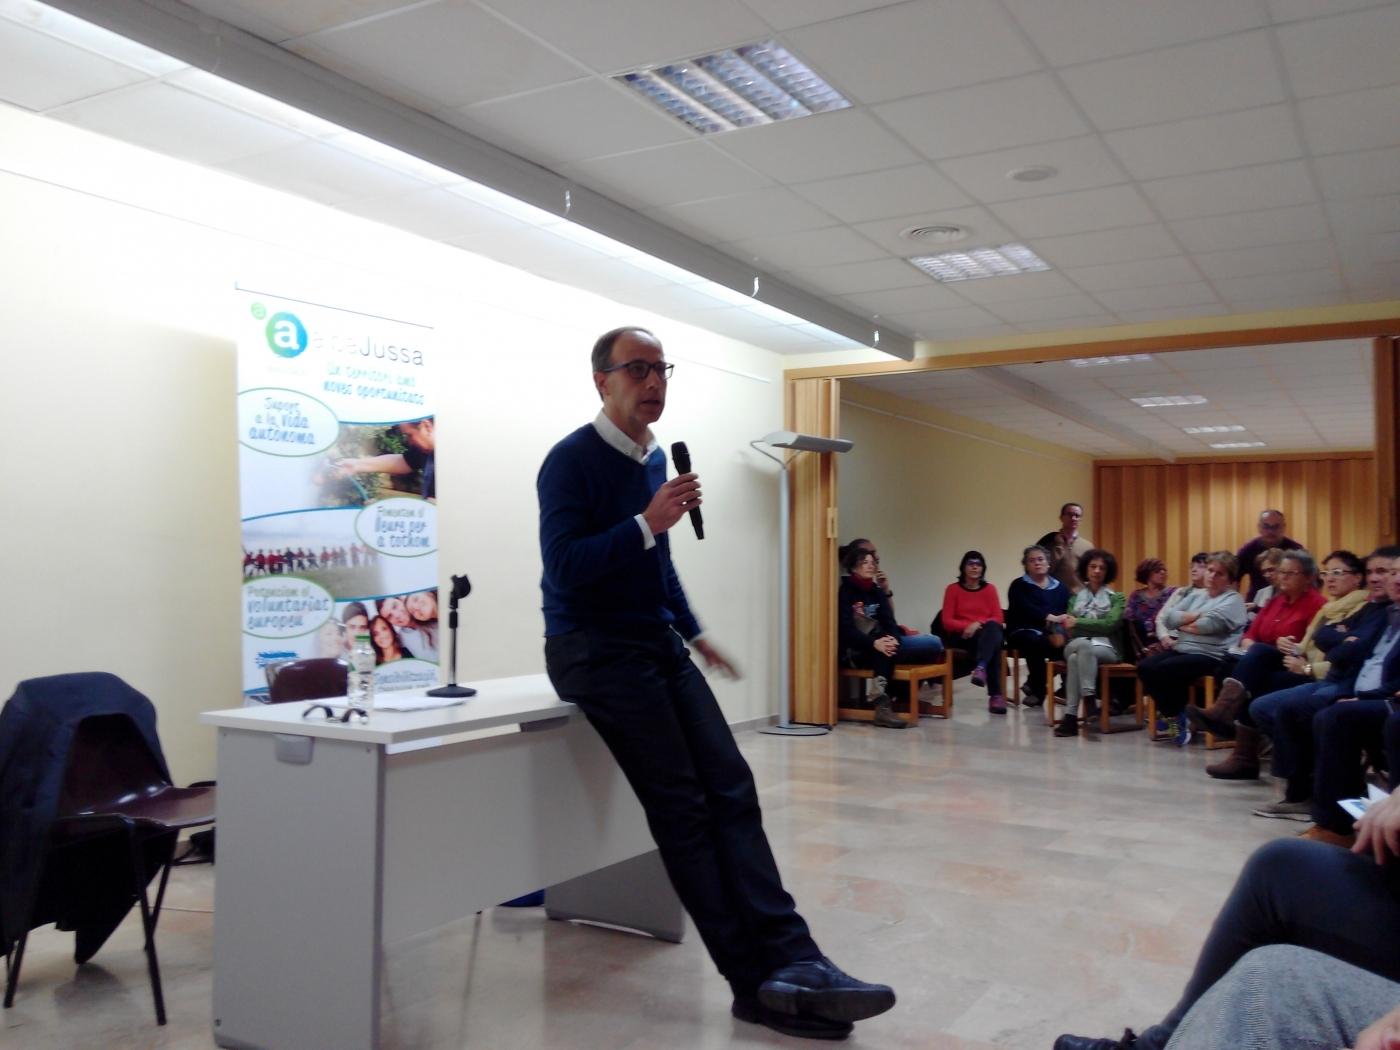 Xerrada de Francesc Torralba a Tremp per parlar dels valors per una vida plena